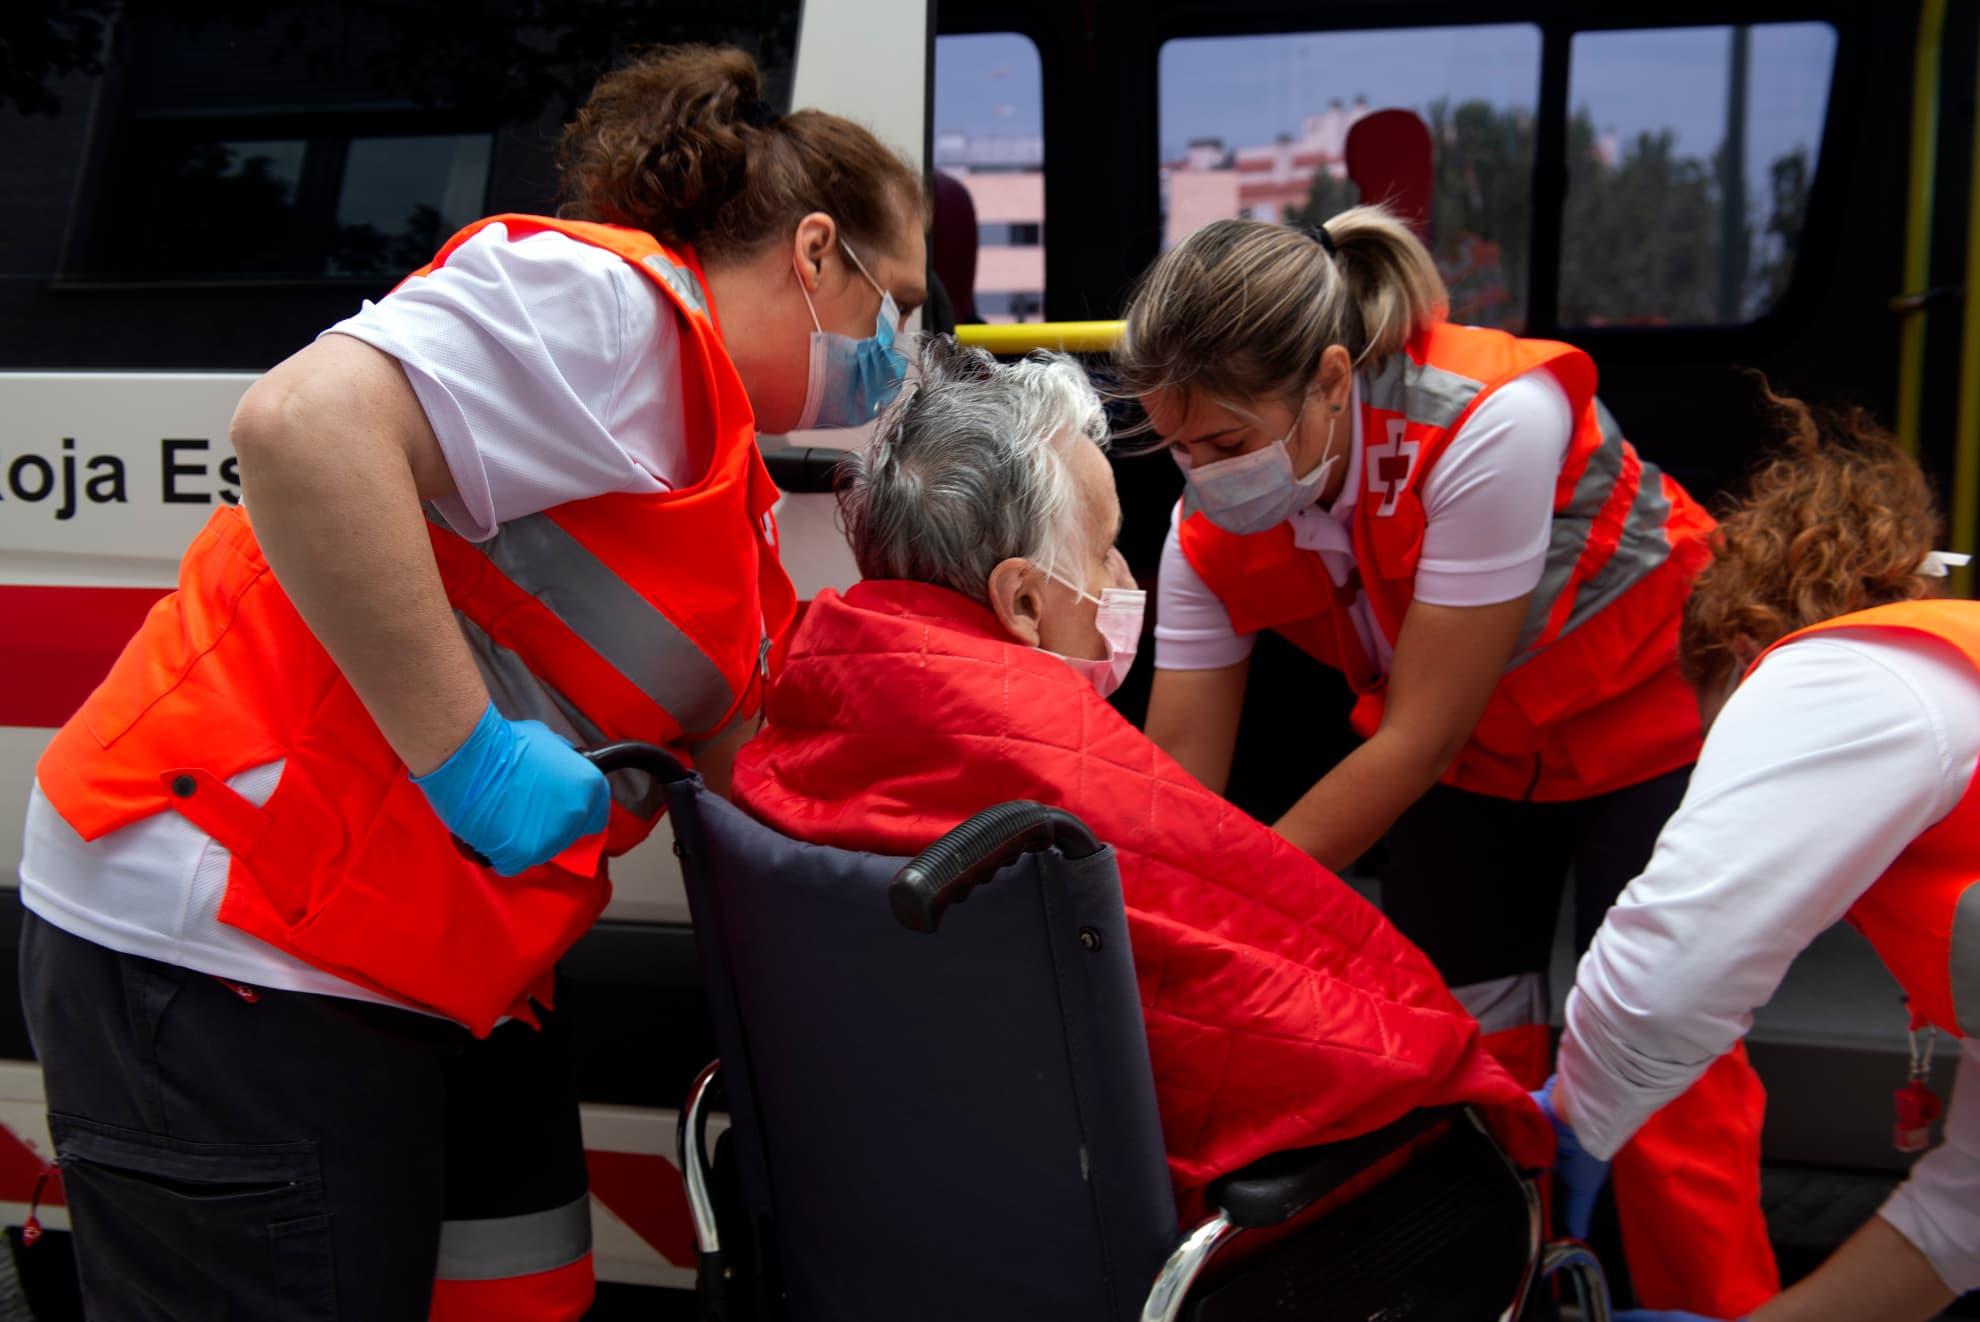 Voluntarias de Cruz Roja trasladan a una mujer que, tras pasar varias semanas en una residencia habilitada por el Gobierno de Aragón para atender a personas mayores con coronavirus, al fin puede regresar a su residencia habitual tras dar negativo en la prueba.